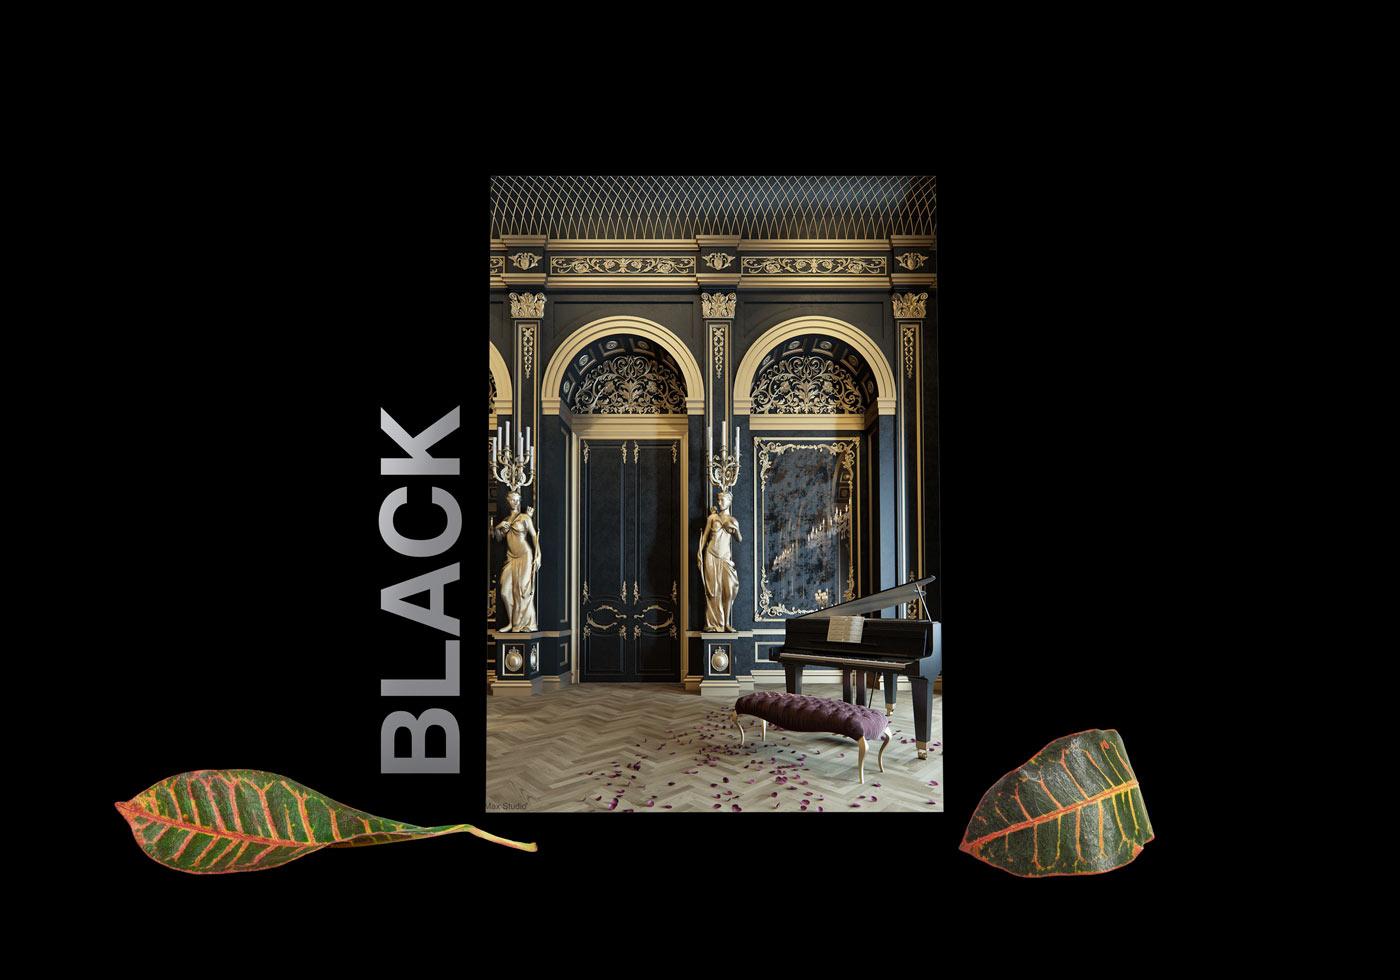 black interior design 1 - طبع یا مزاج رنگ ها در دکوراسیون داخلی